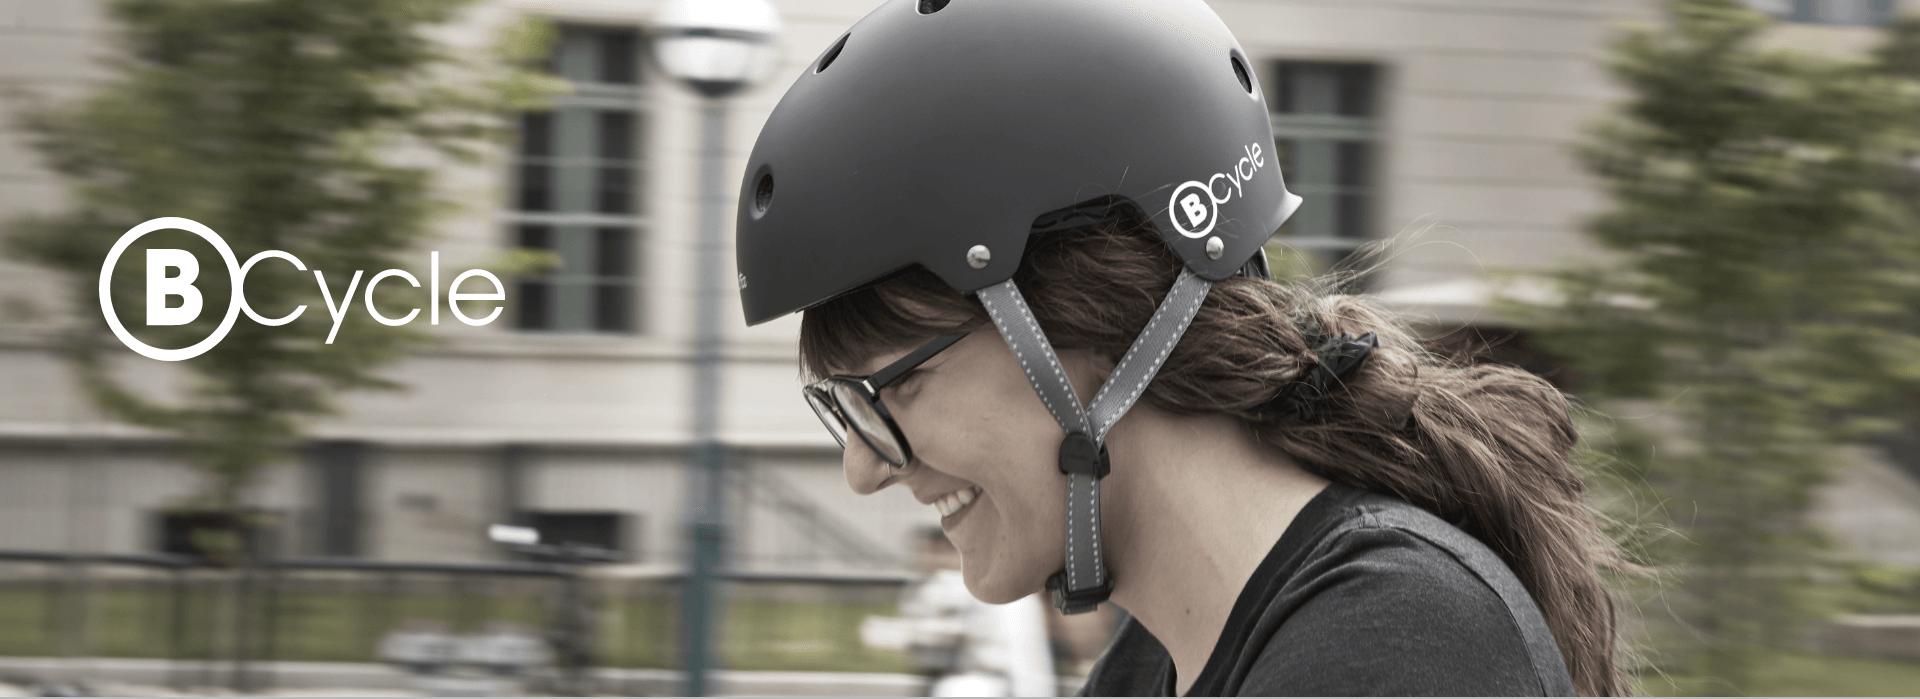 bcycle_helmet